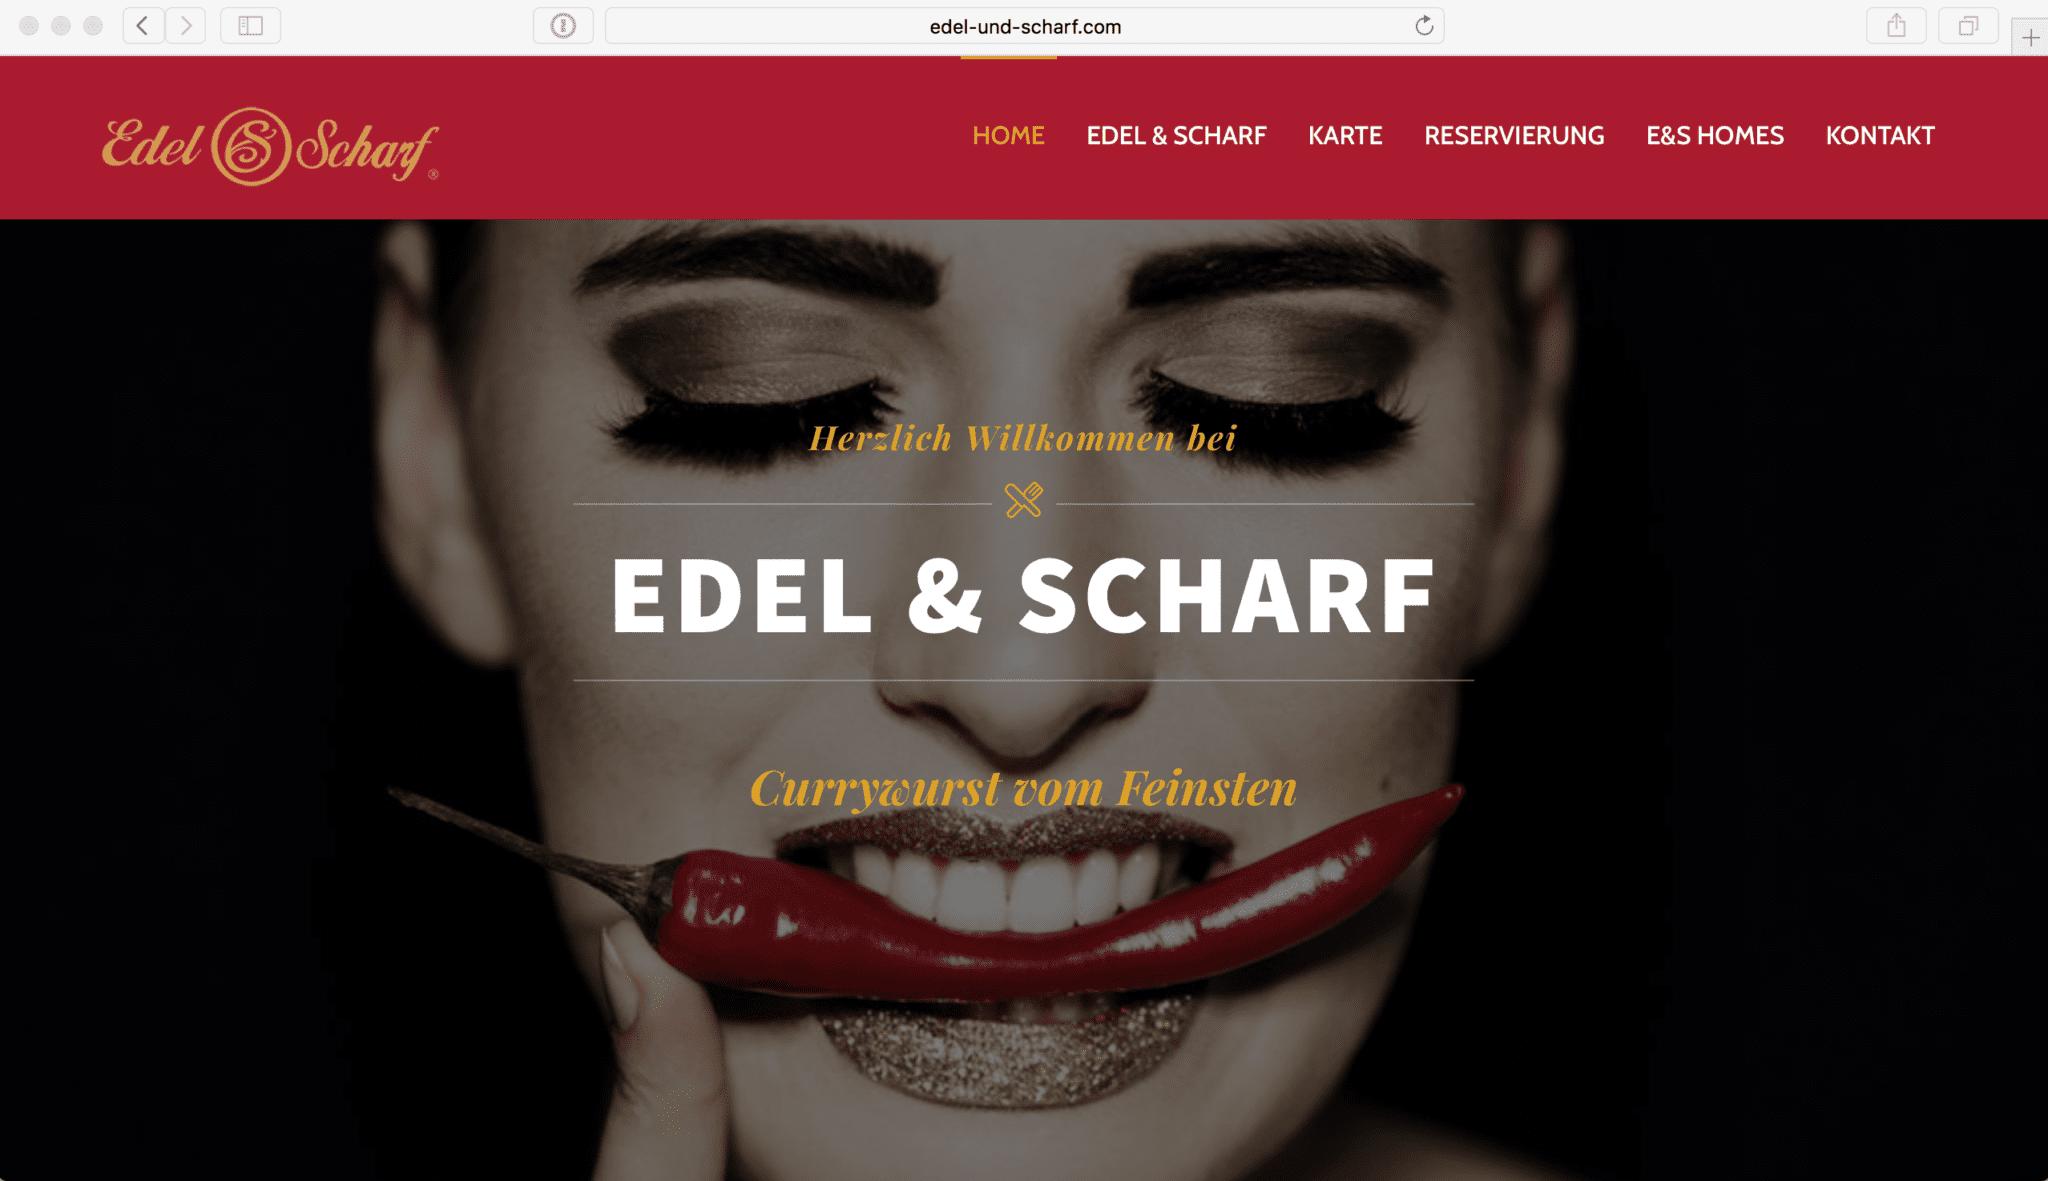 www.edel-und-scharf.com-2